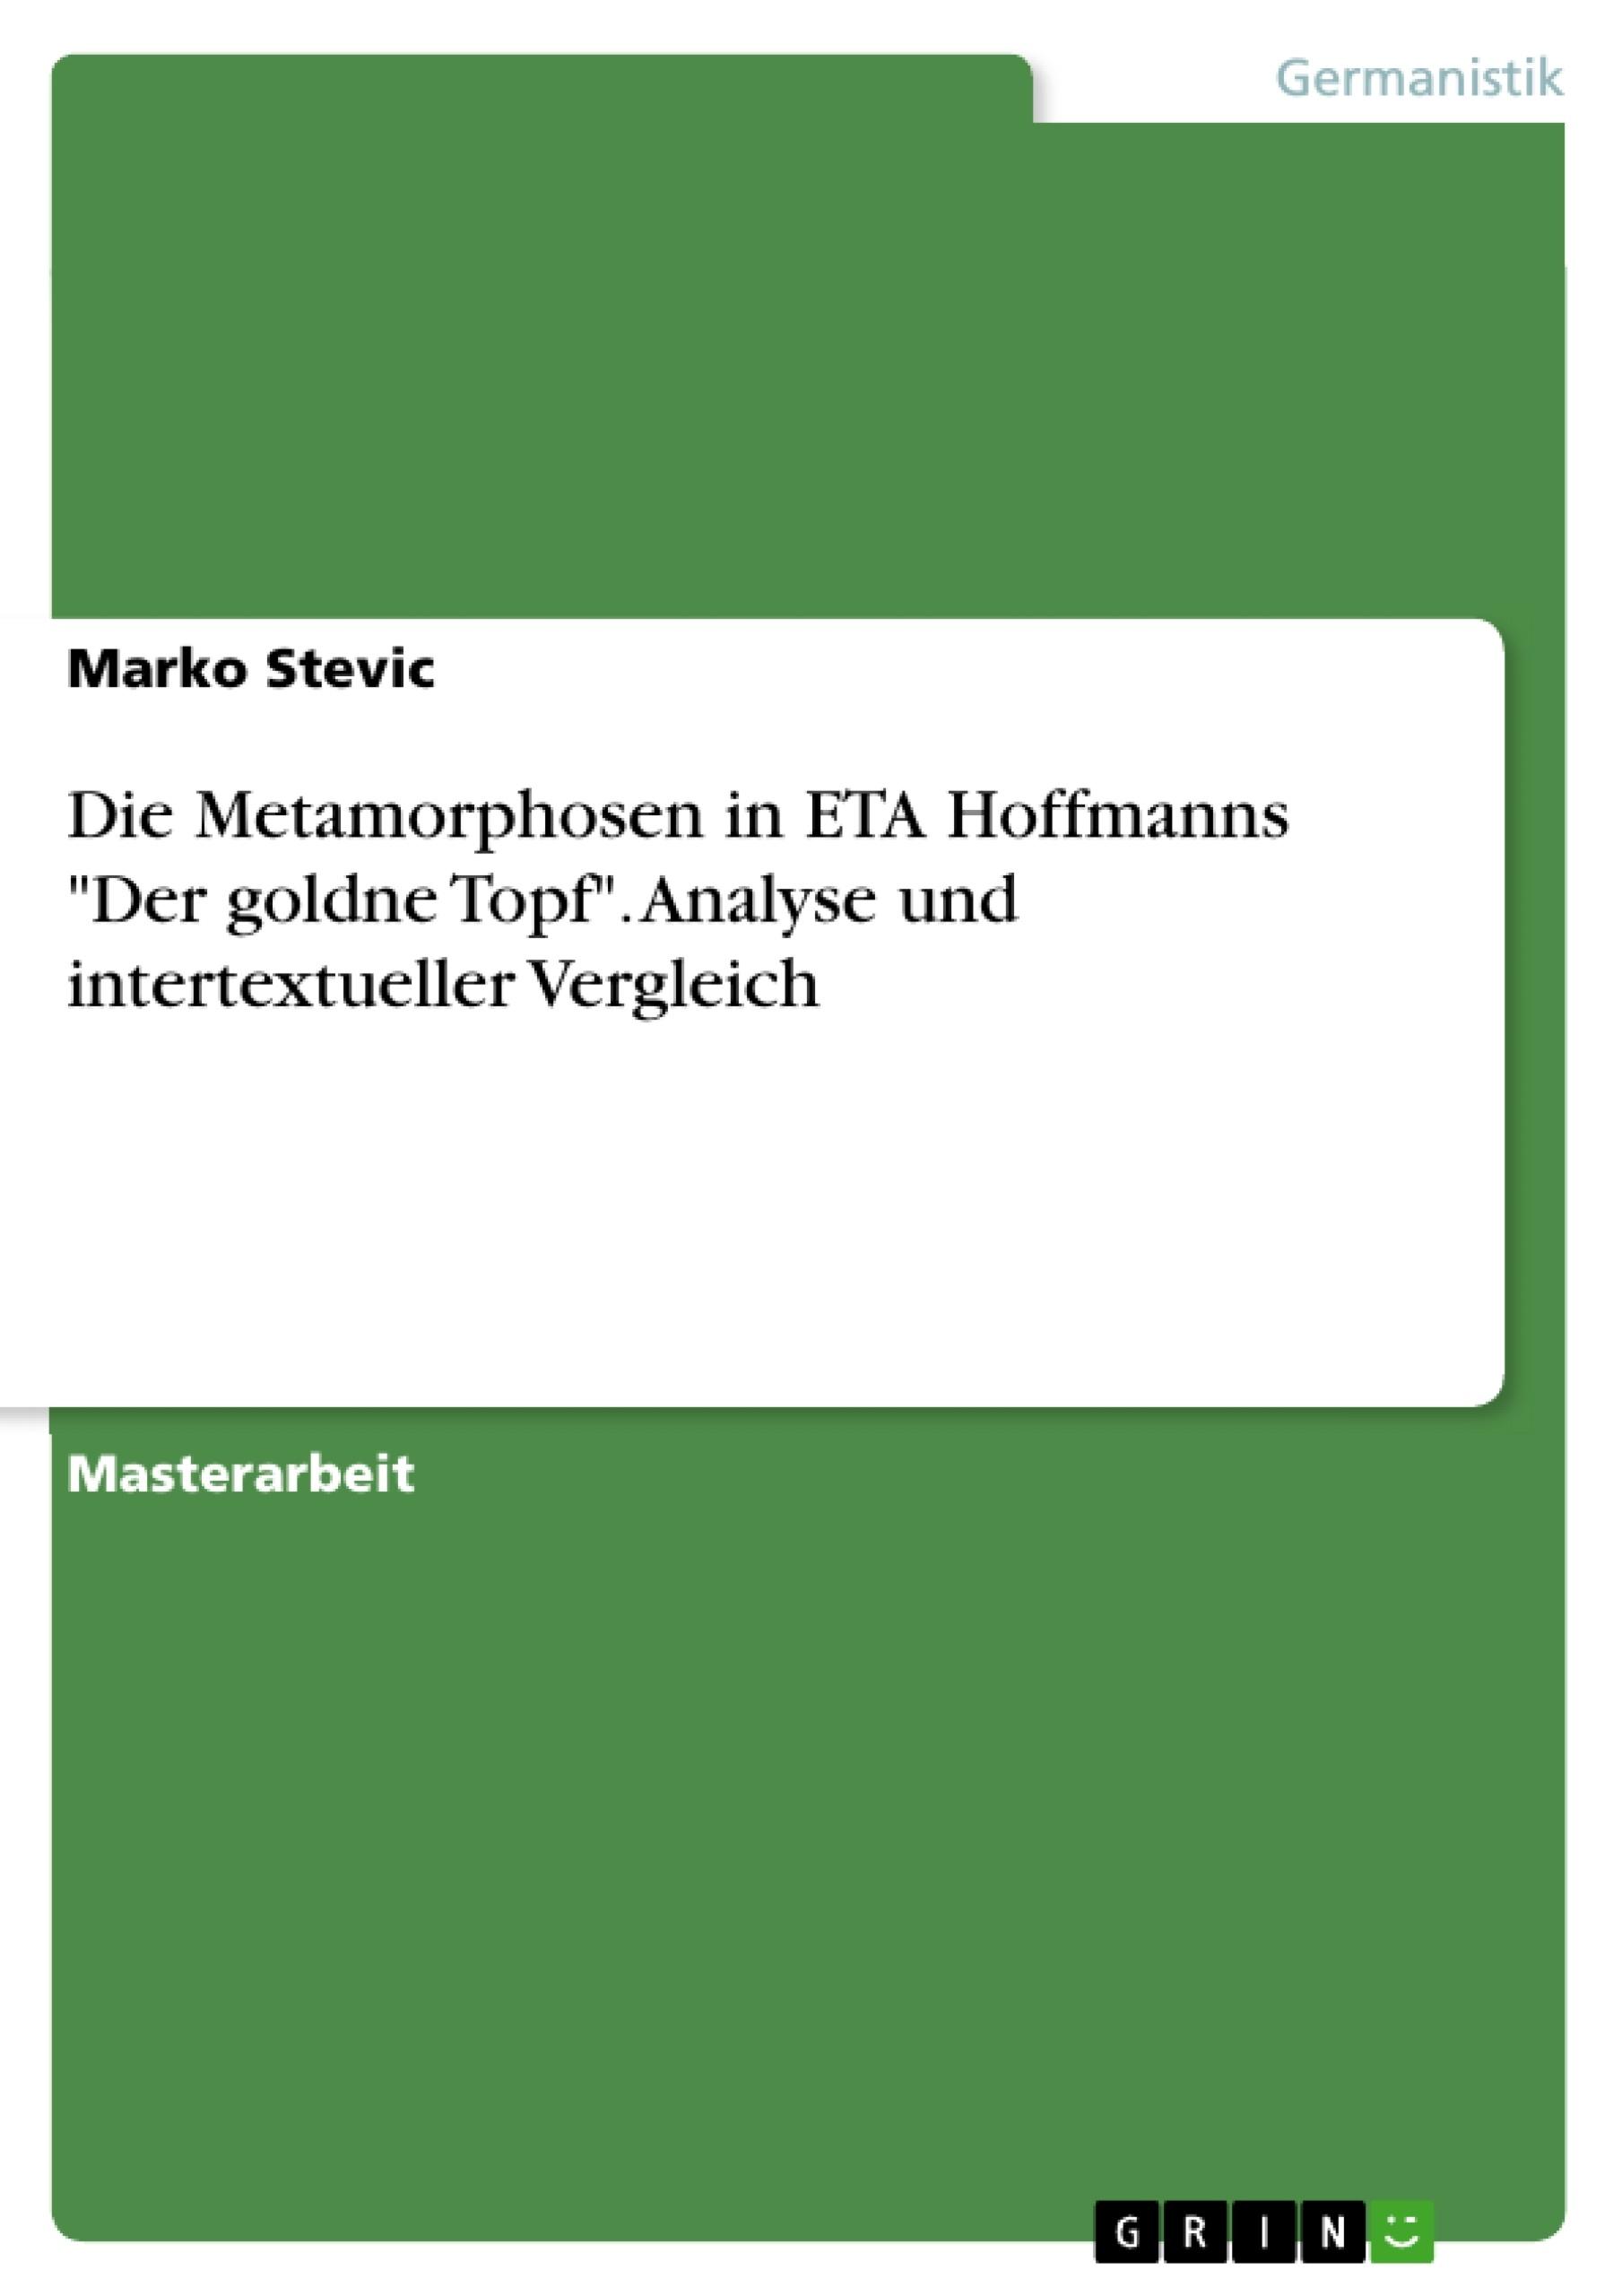 """Titel: Die Metamorphosen in ETA Hoffmanns """"Der goldne Topf"""". Analyse und intertextueller Vergleich"""